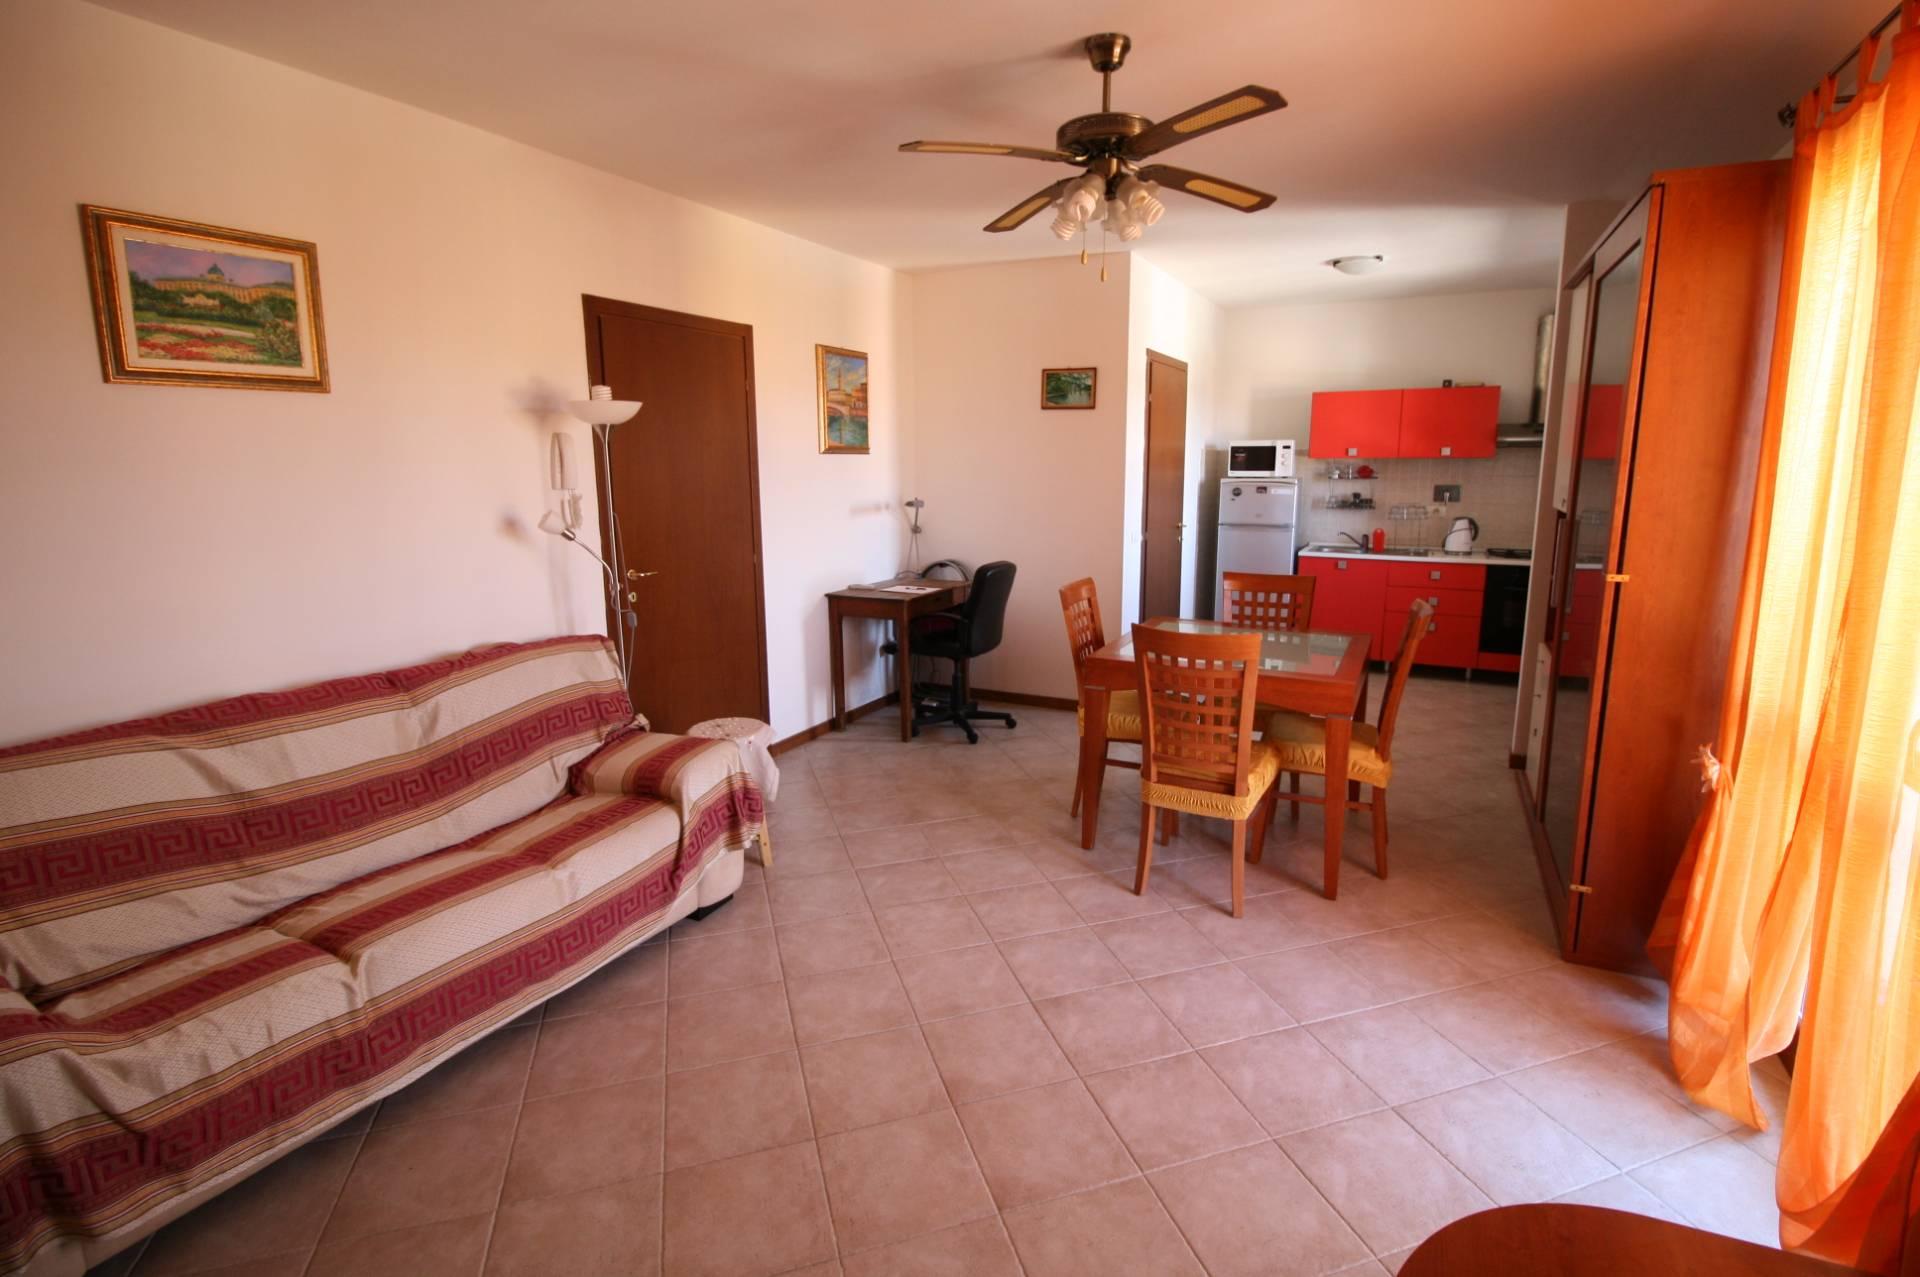 Appartamento in vendita a Altopascio, 4 locali, zona Località: BadiaPozzeveri, prezzo € 85.000 | Cambio Casa.it